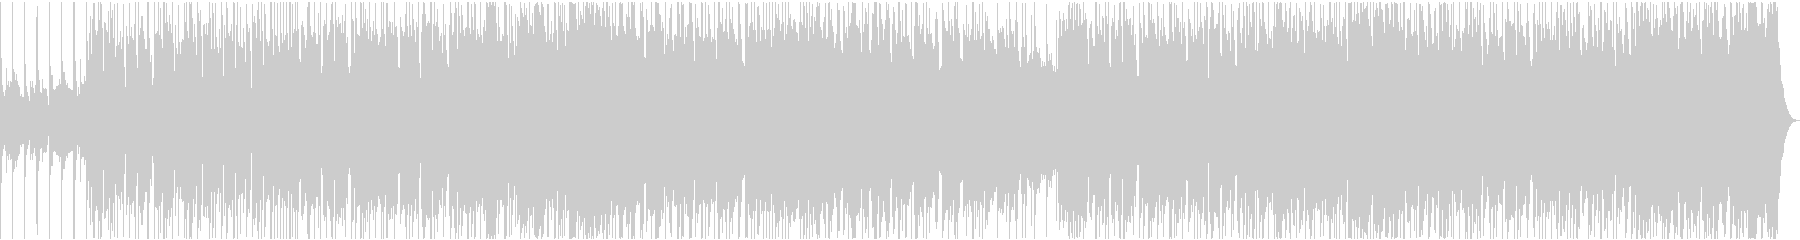 ギターのリフが入った王道のロックサウンドの未再生の波形